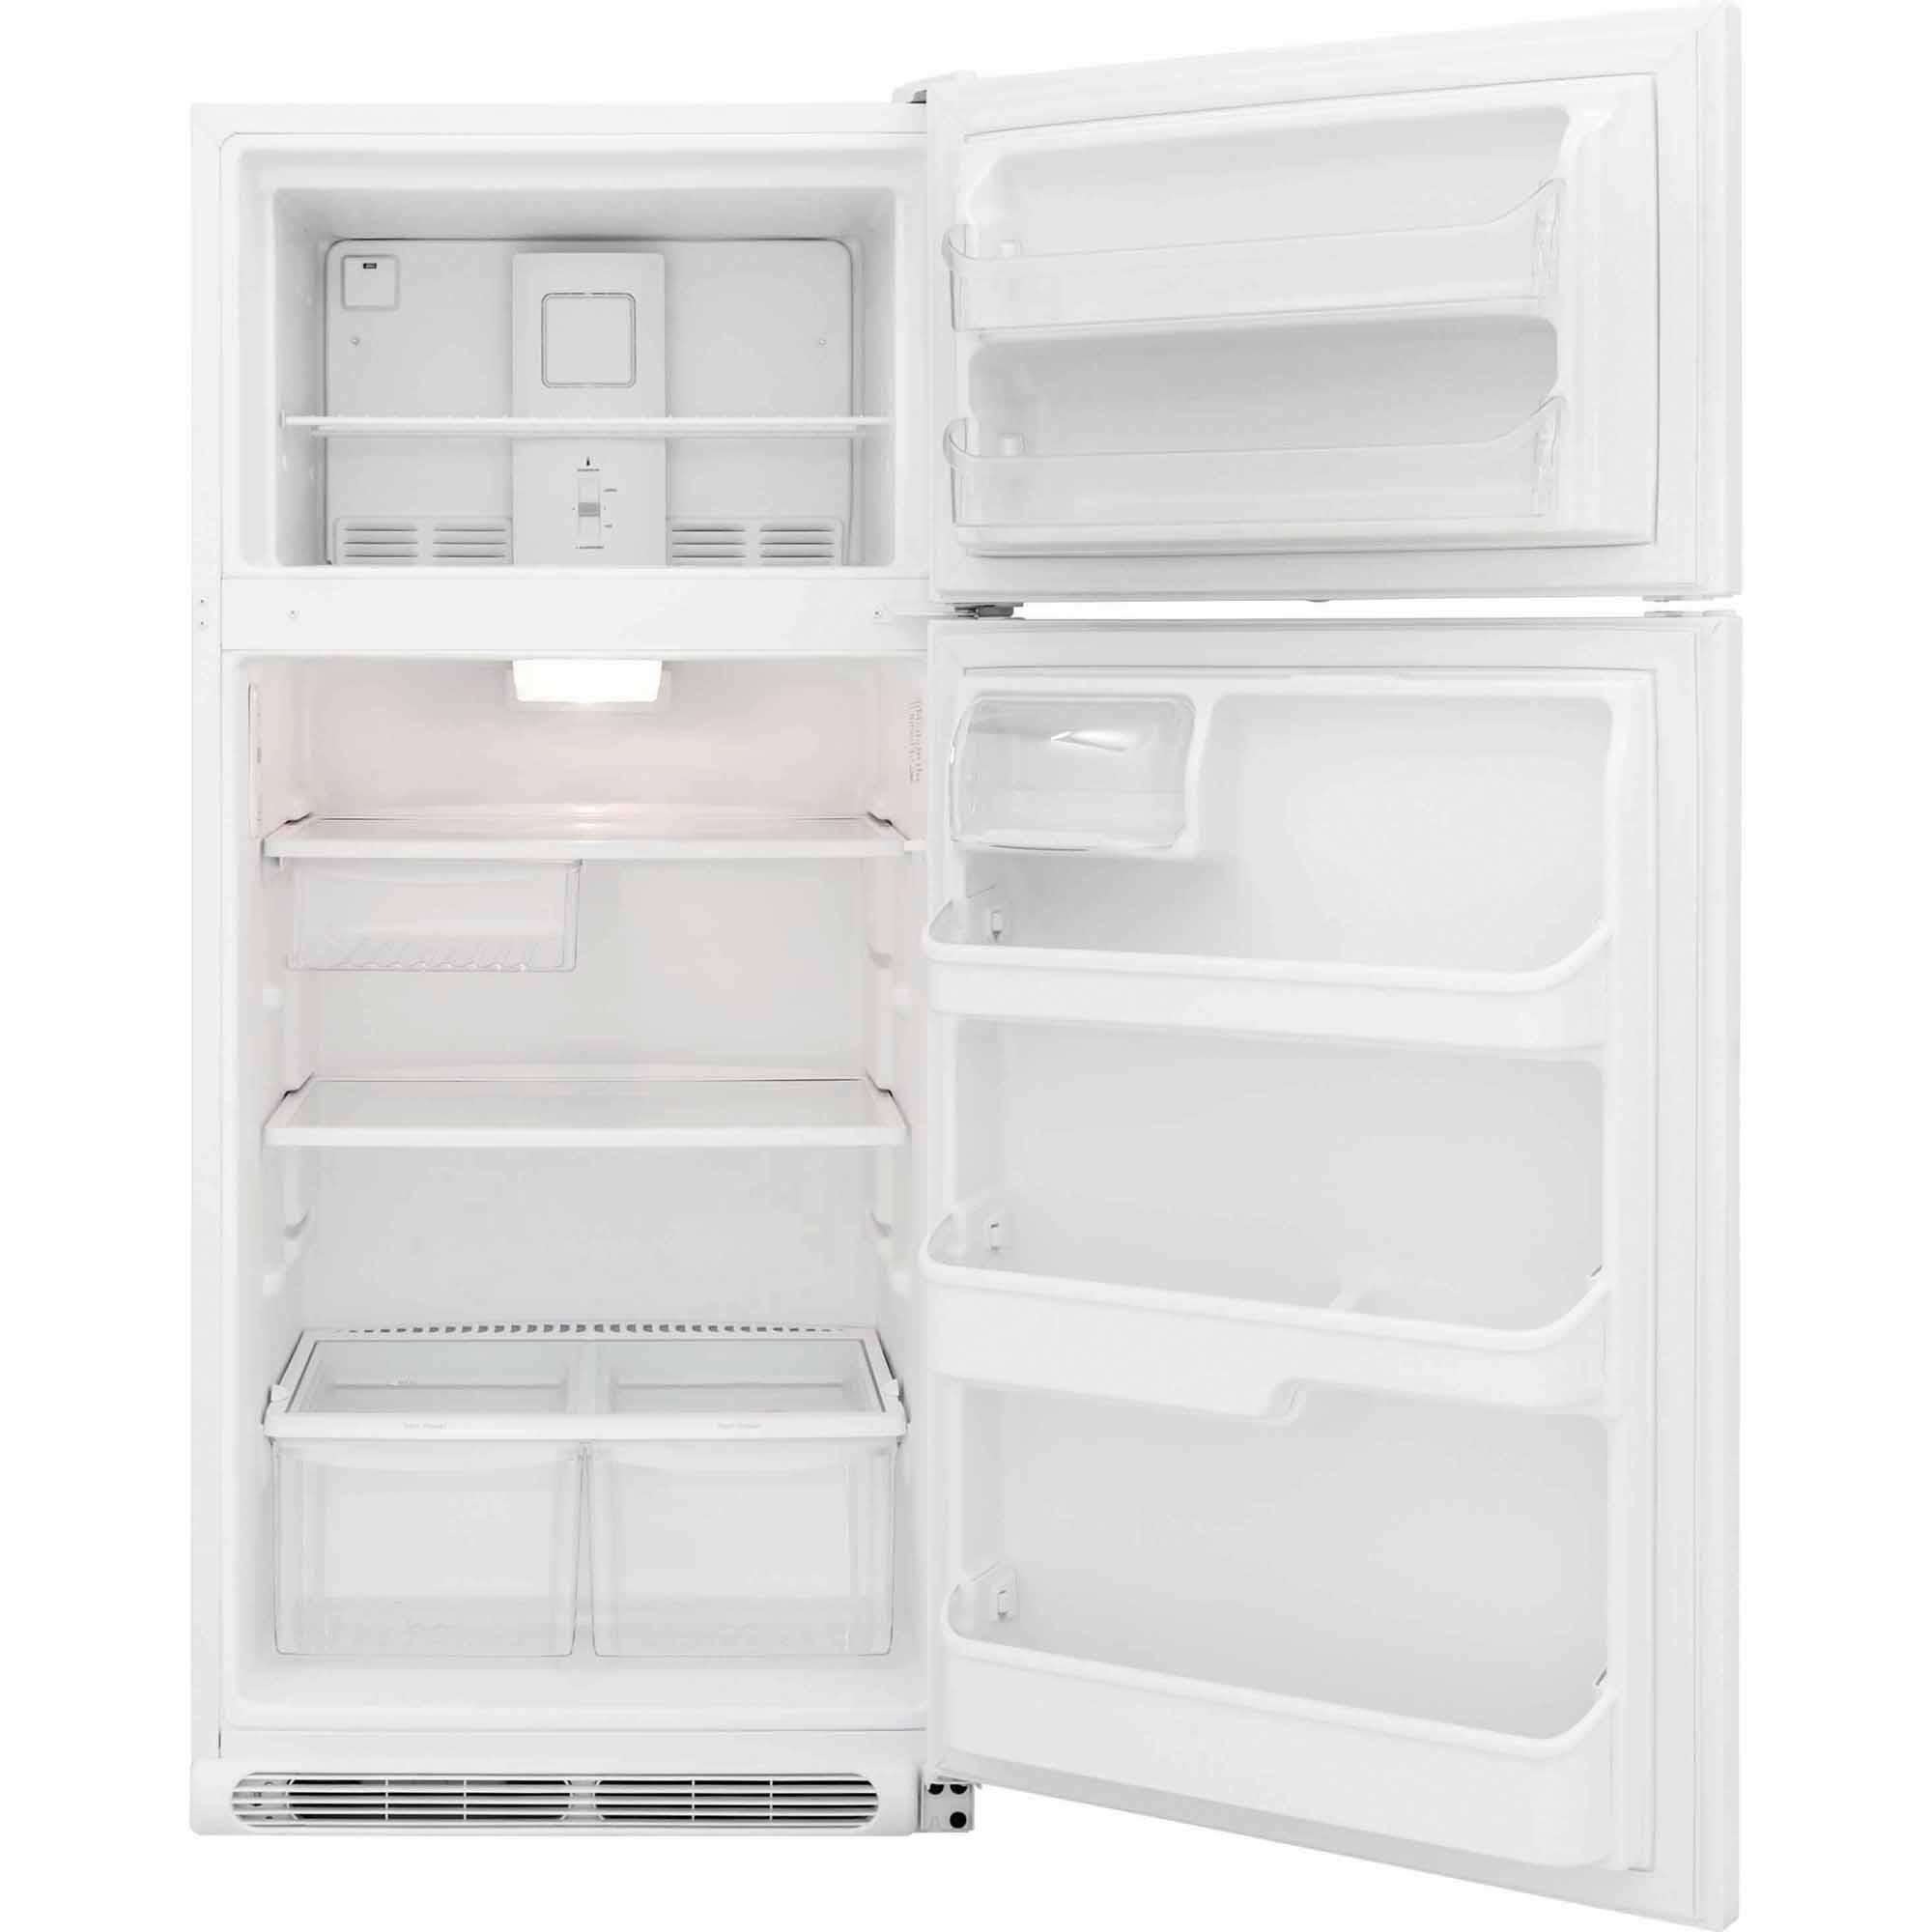 Frigidaire FFTR2131QP 20.5 cu. ft. Top Freezer Refrigerator - White